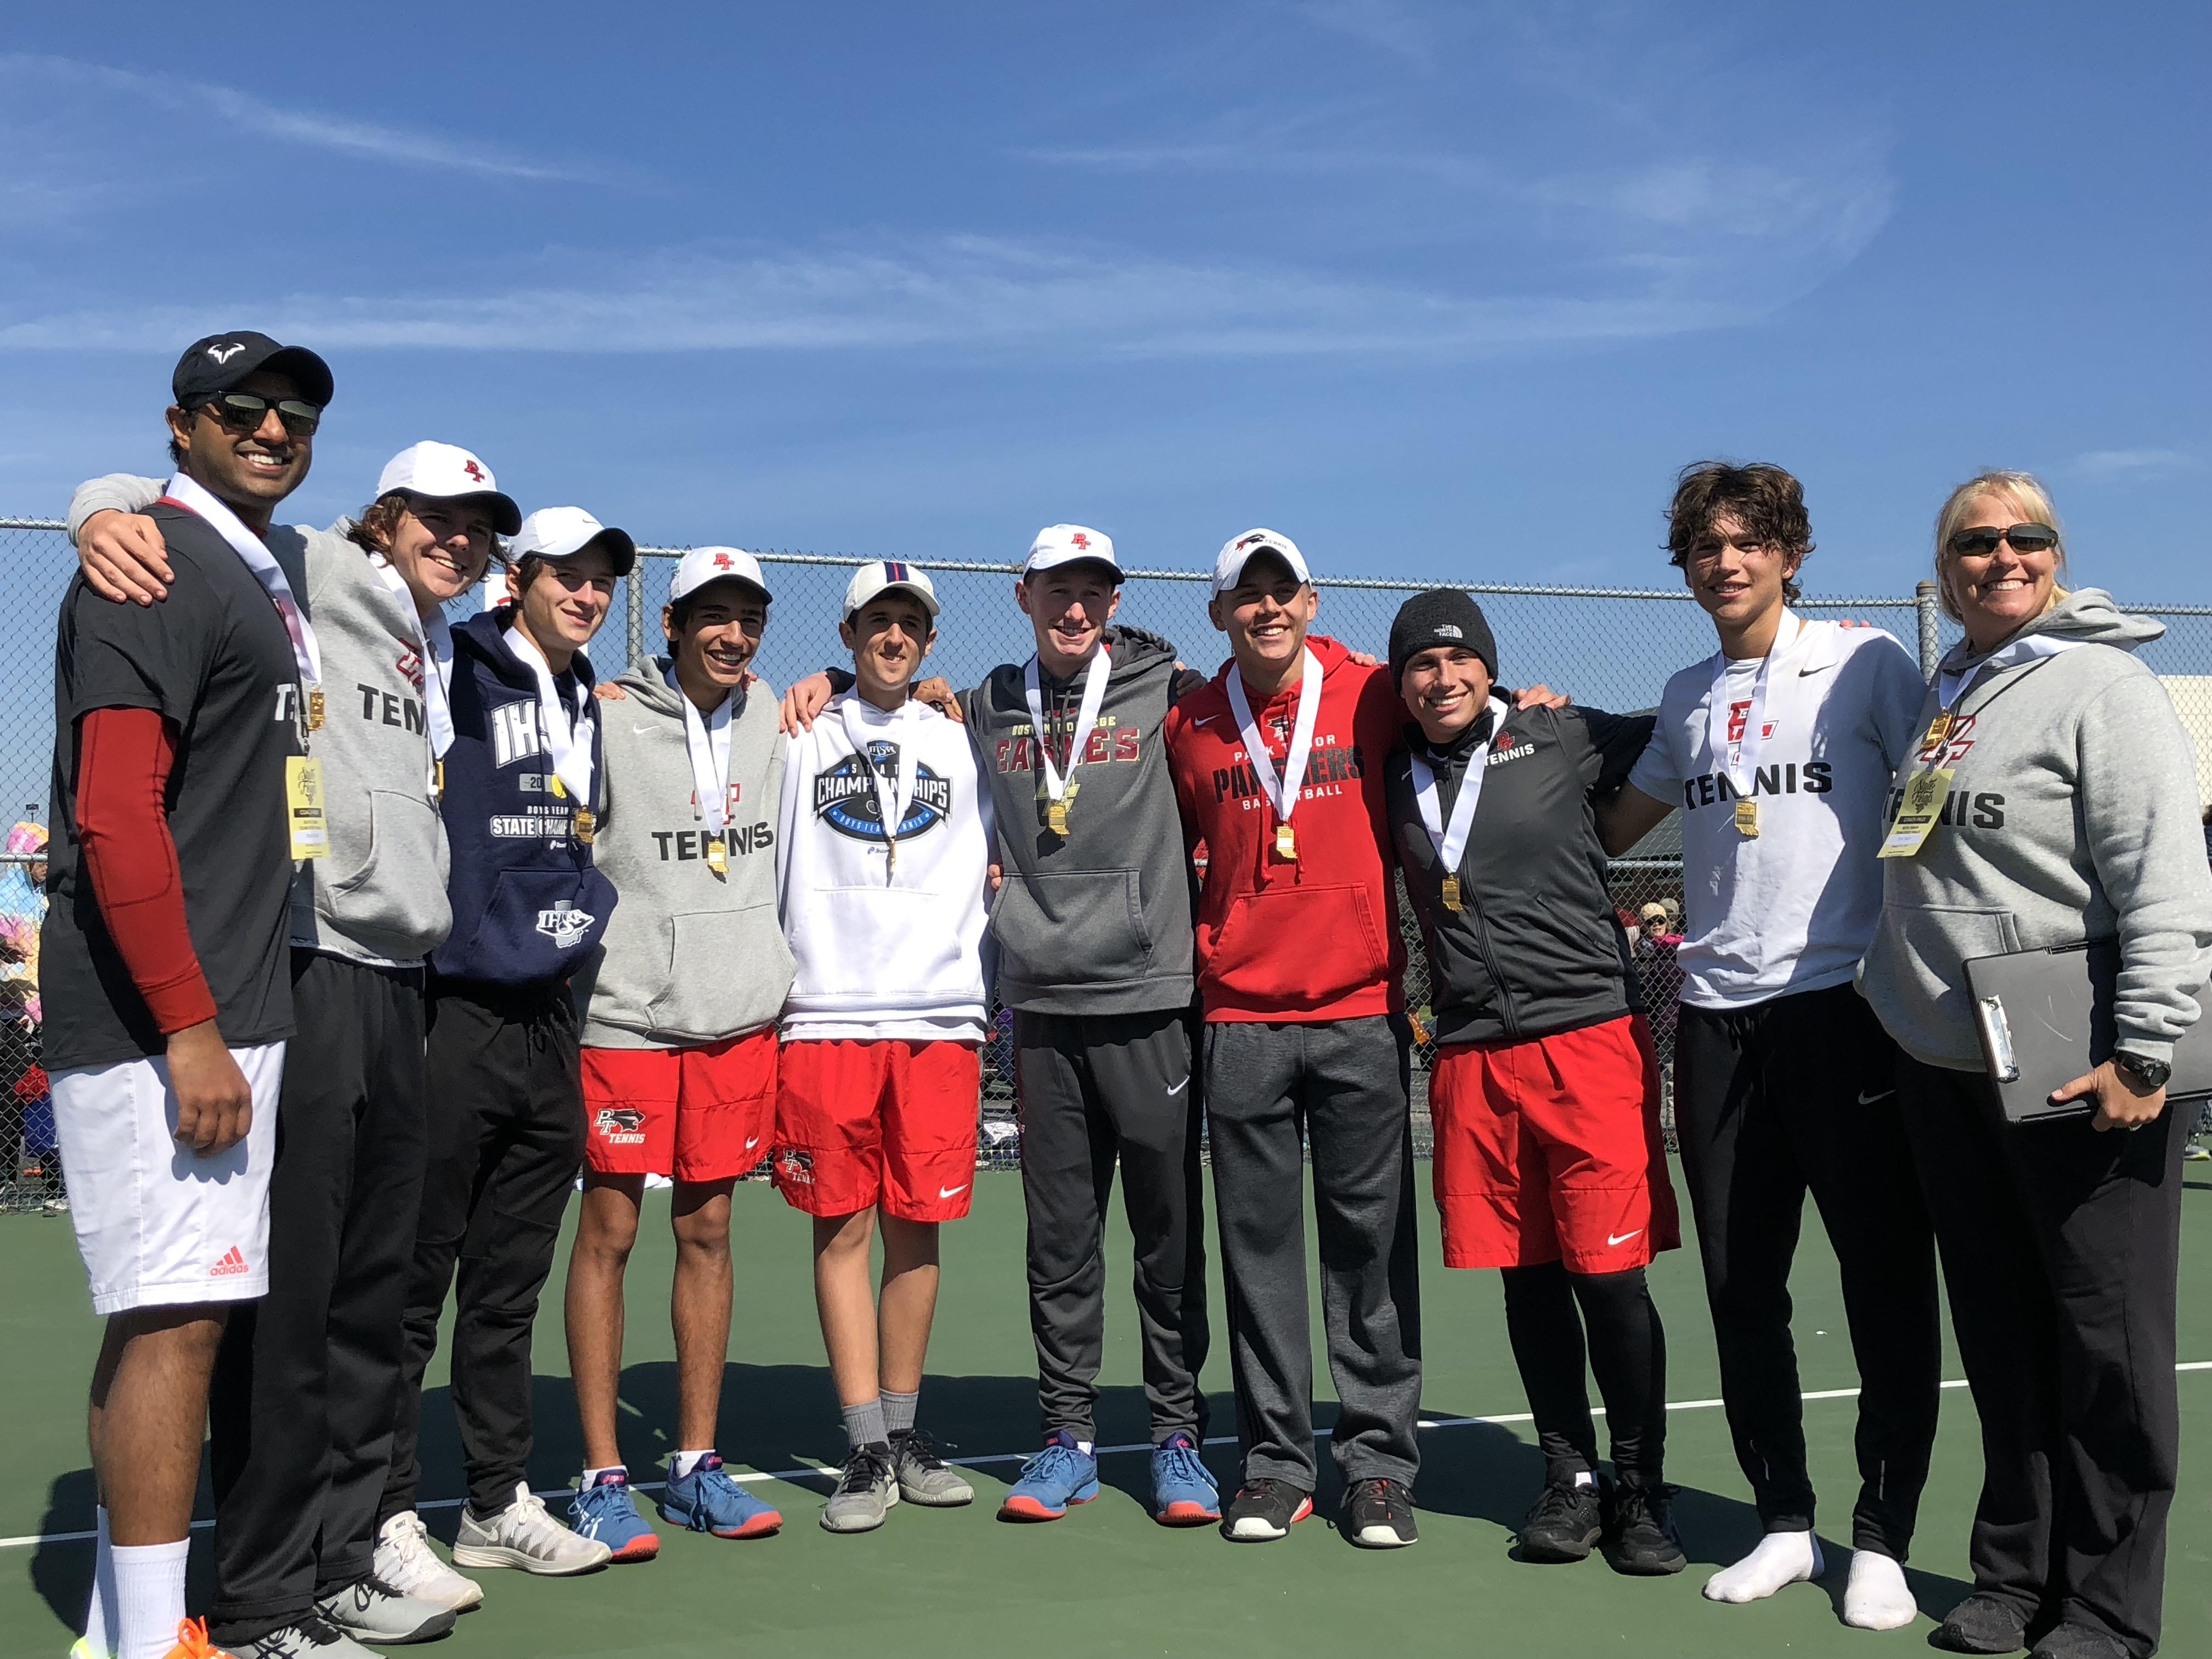 Park Tudor Boys Tennis 2018 State Quarter Finals